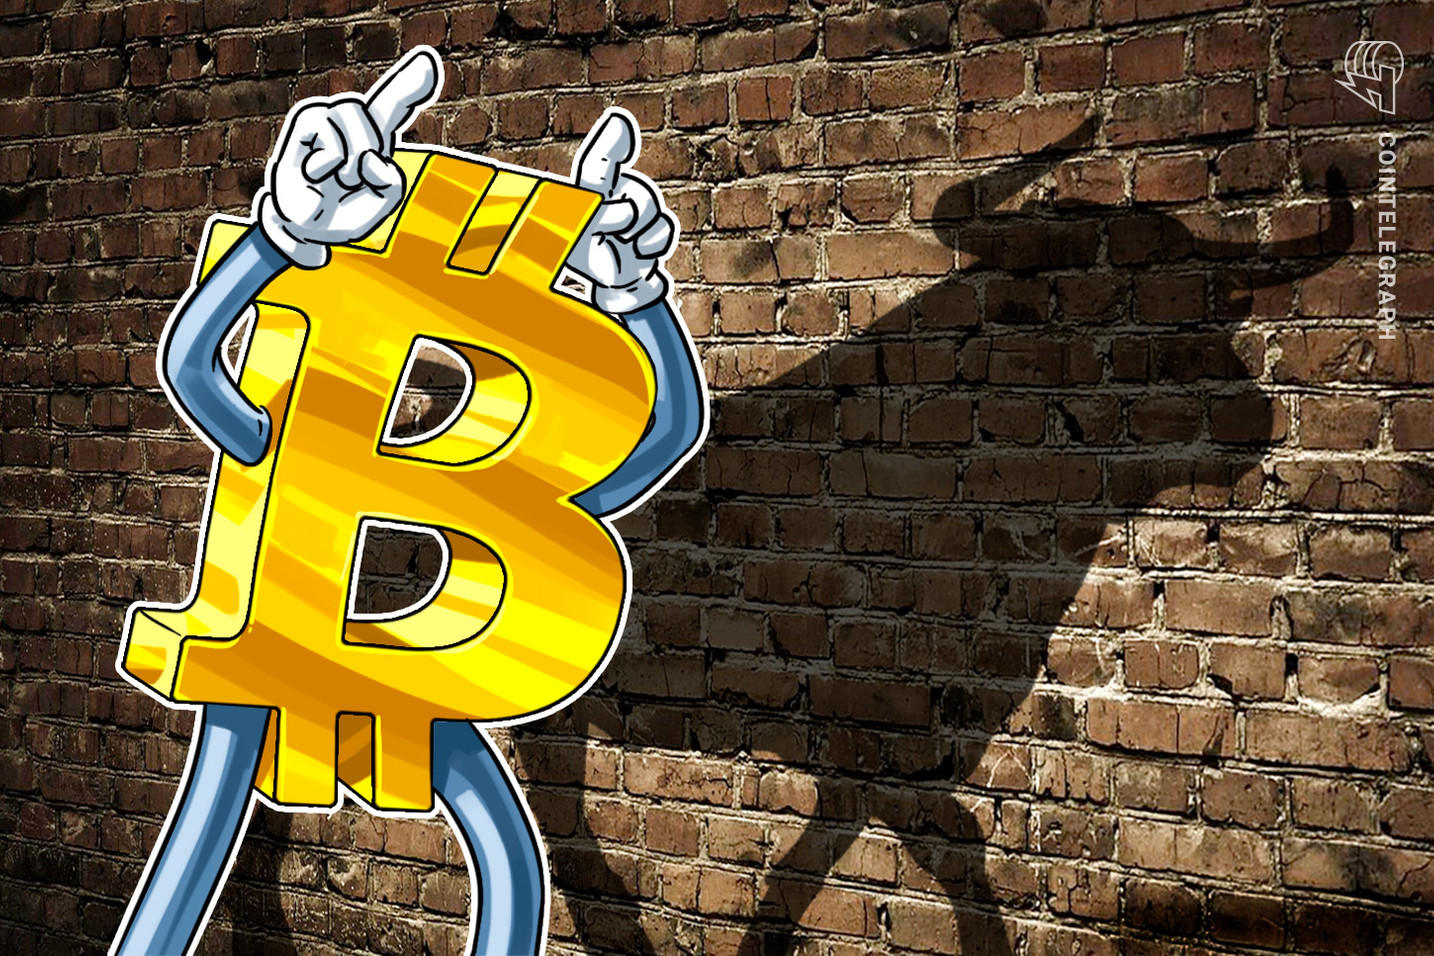 Bitcoin desacelera enquanto baleias transferem riqueza para investidores de varejo